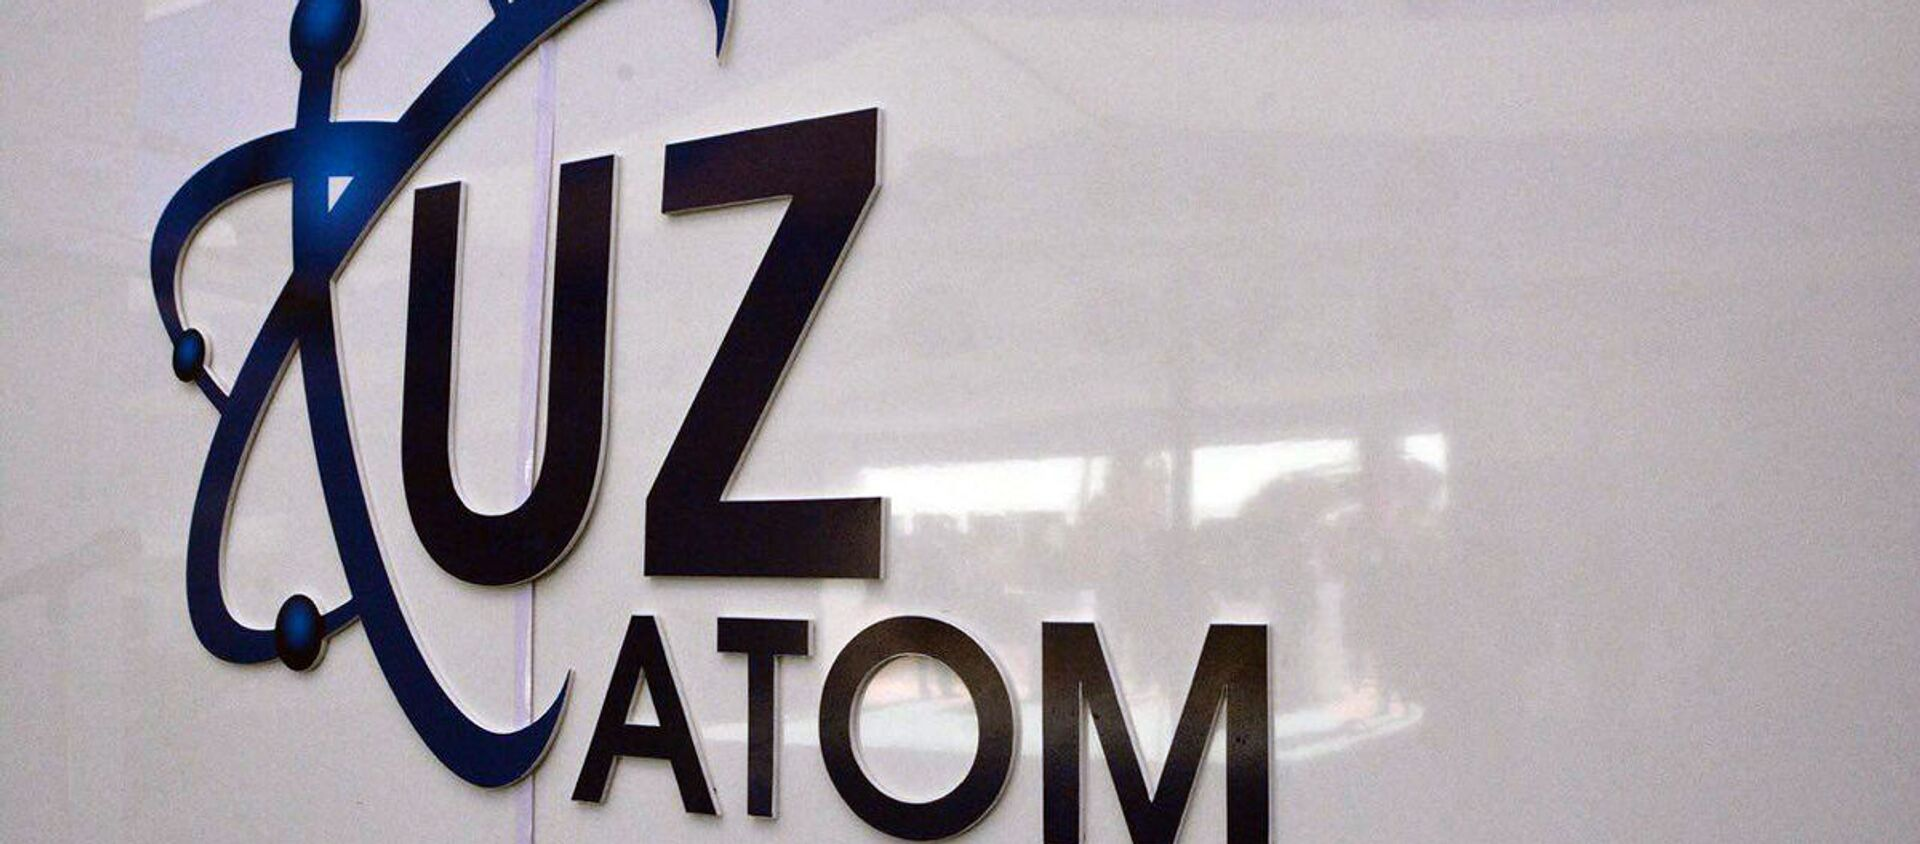 Логотип корпорации Узатом - Sputnik Ўзбекистон, 1920, 21.10.2019